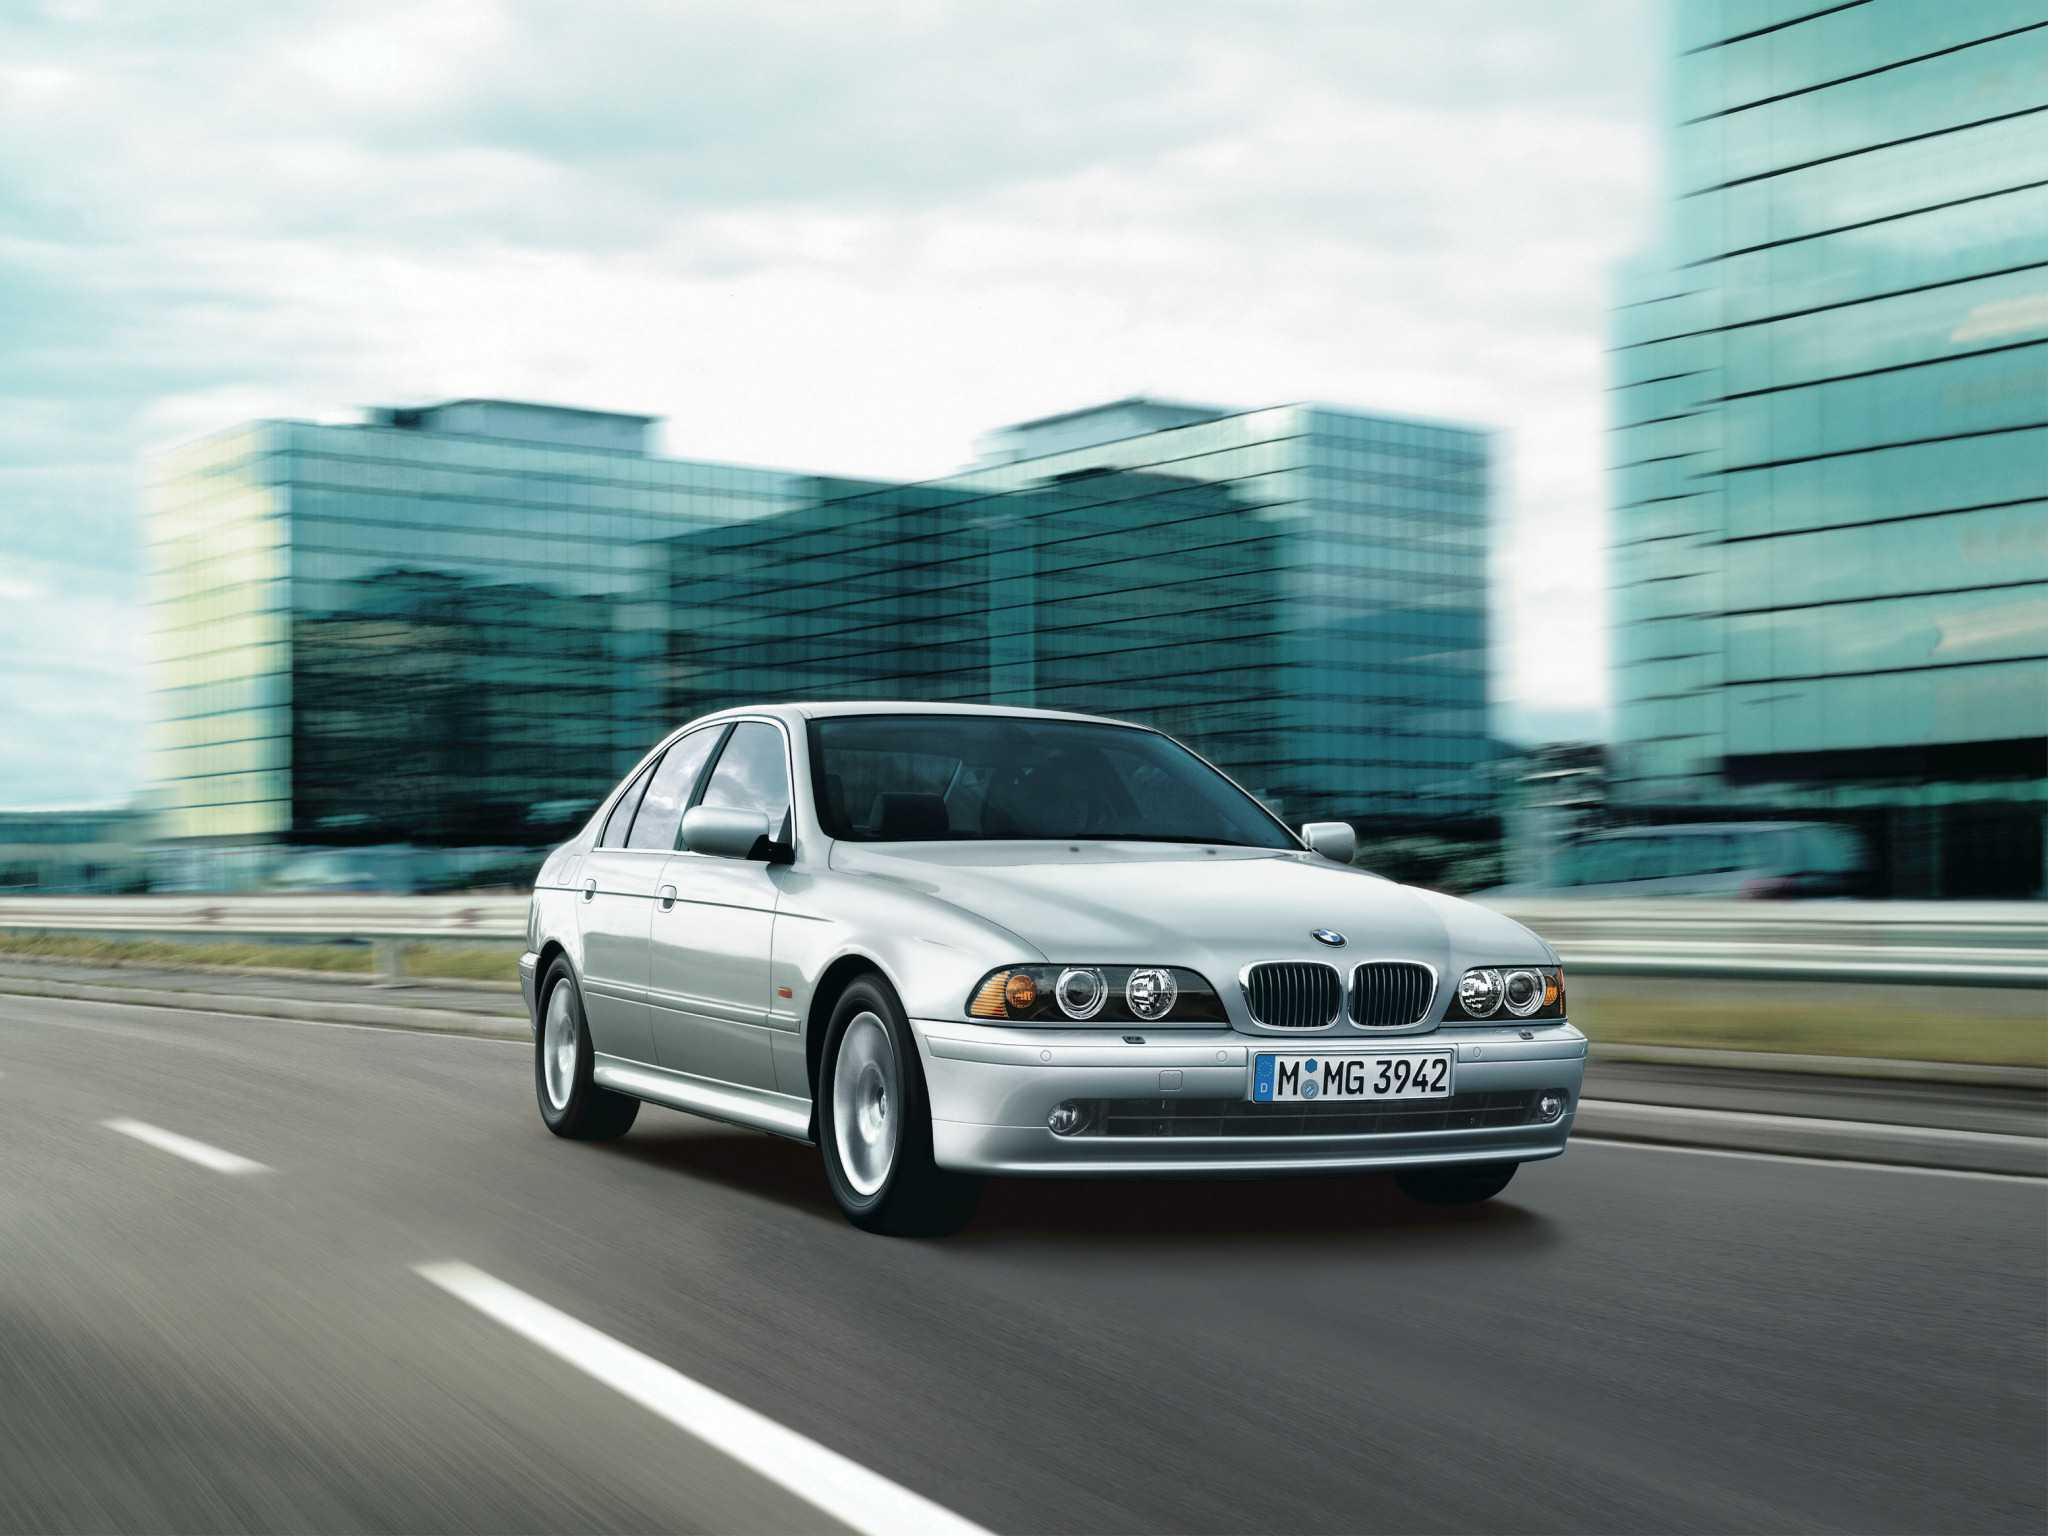 Размеры шин и дисков на BMW 5 серия (1988-2021) | Таблица размеров колес BMW 5 серия на